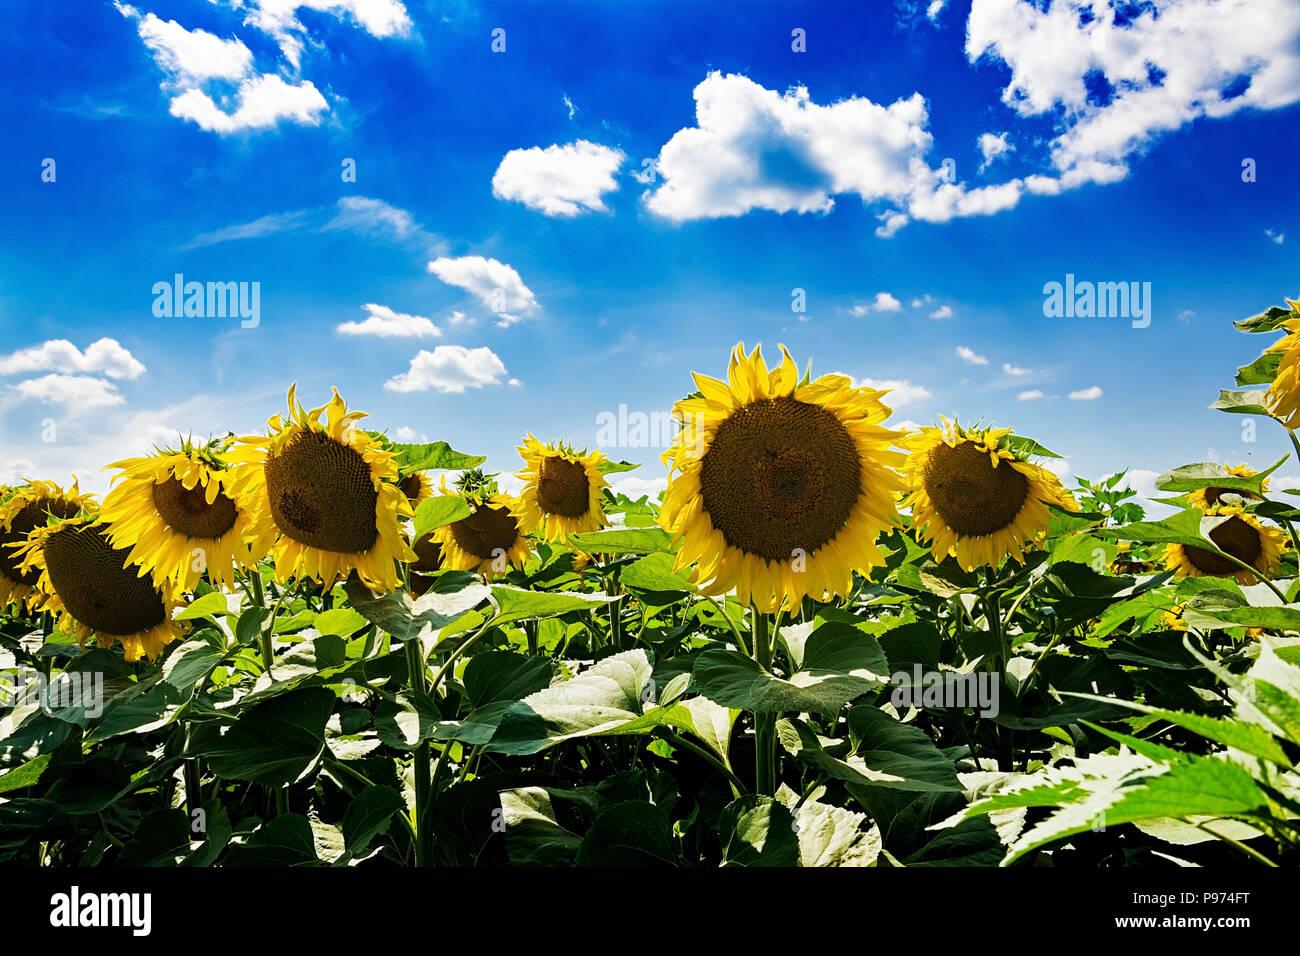 Campo con girasoli contro il cielo blu. Bellissimo paesaggio ...